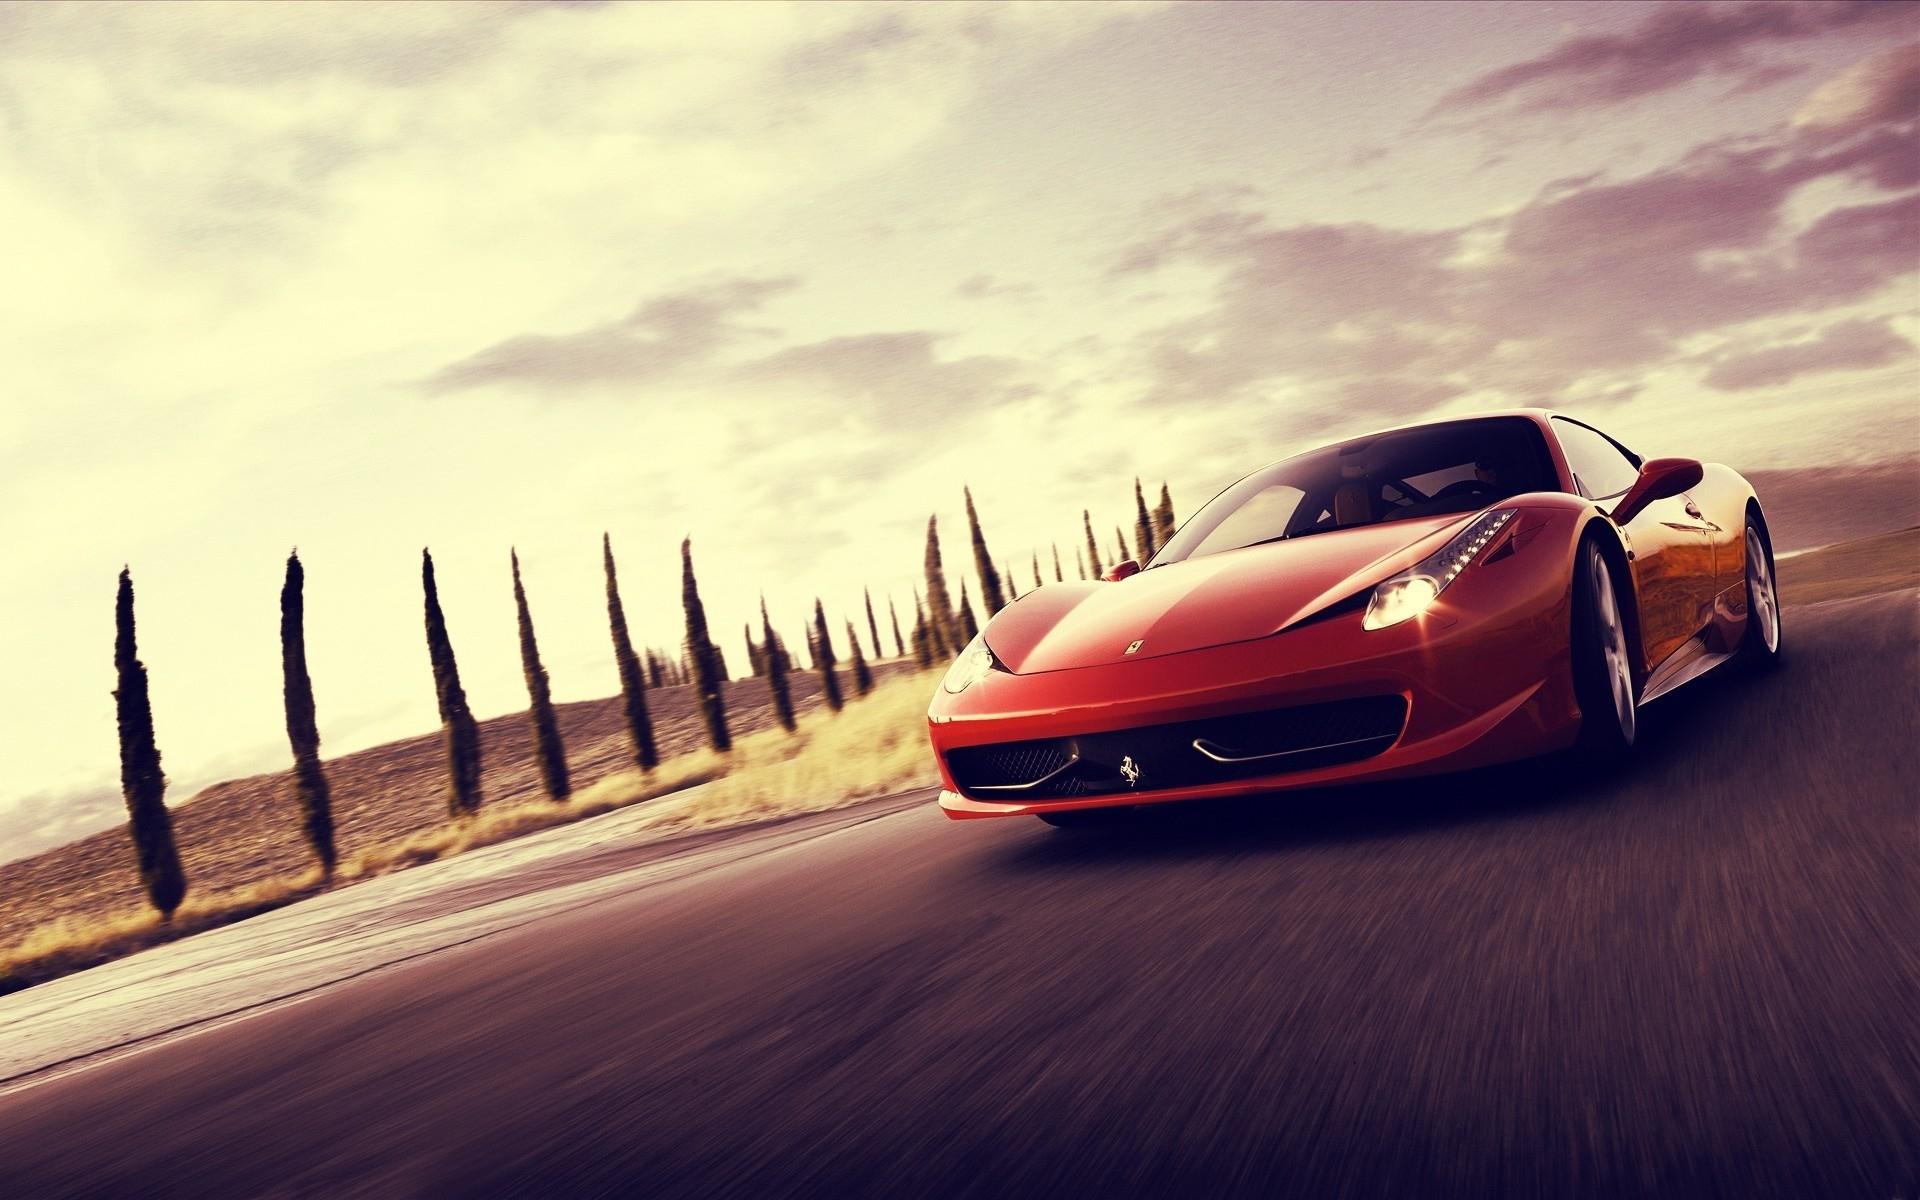 41059 скачать обои Транспорт, Машины, Феррари (Ferrari) - заставки и картинки бесплатно